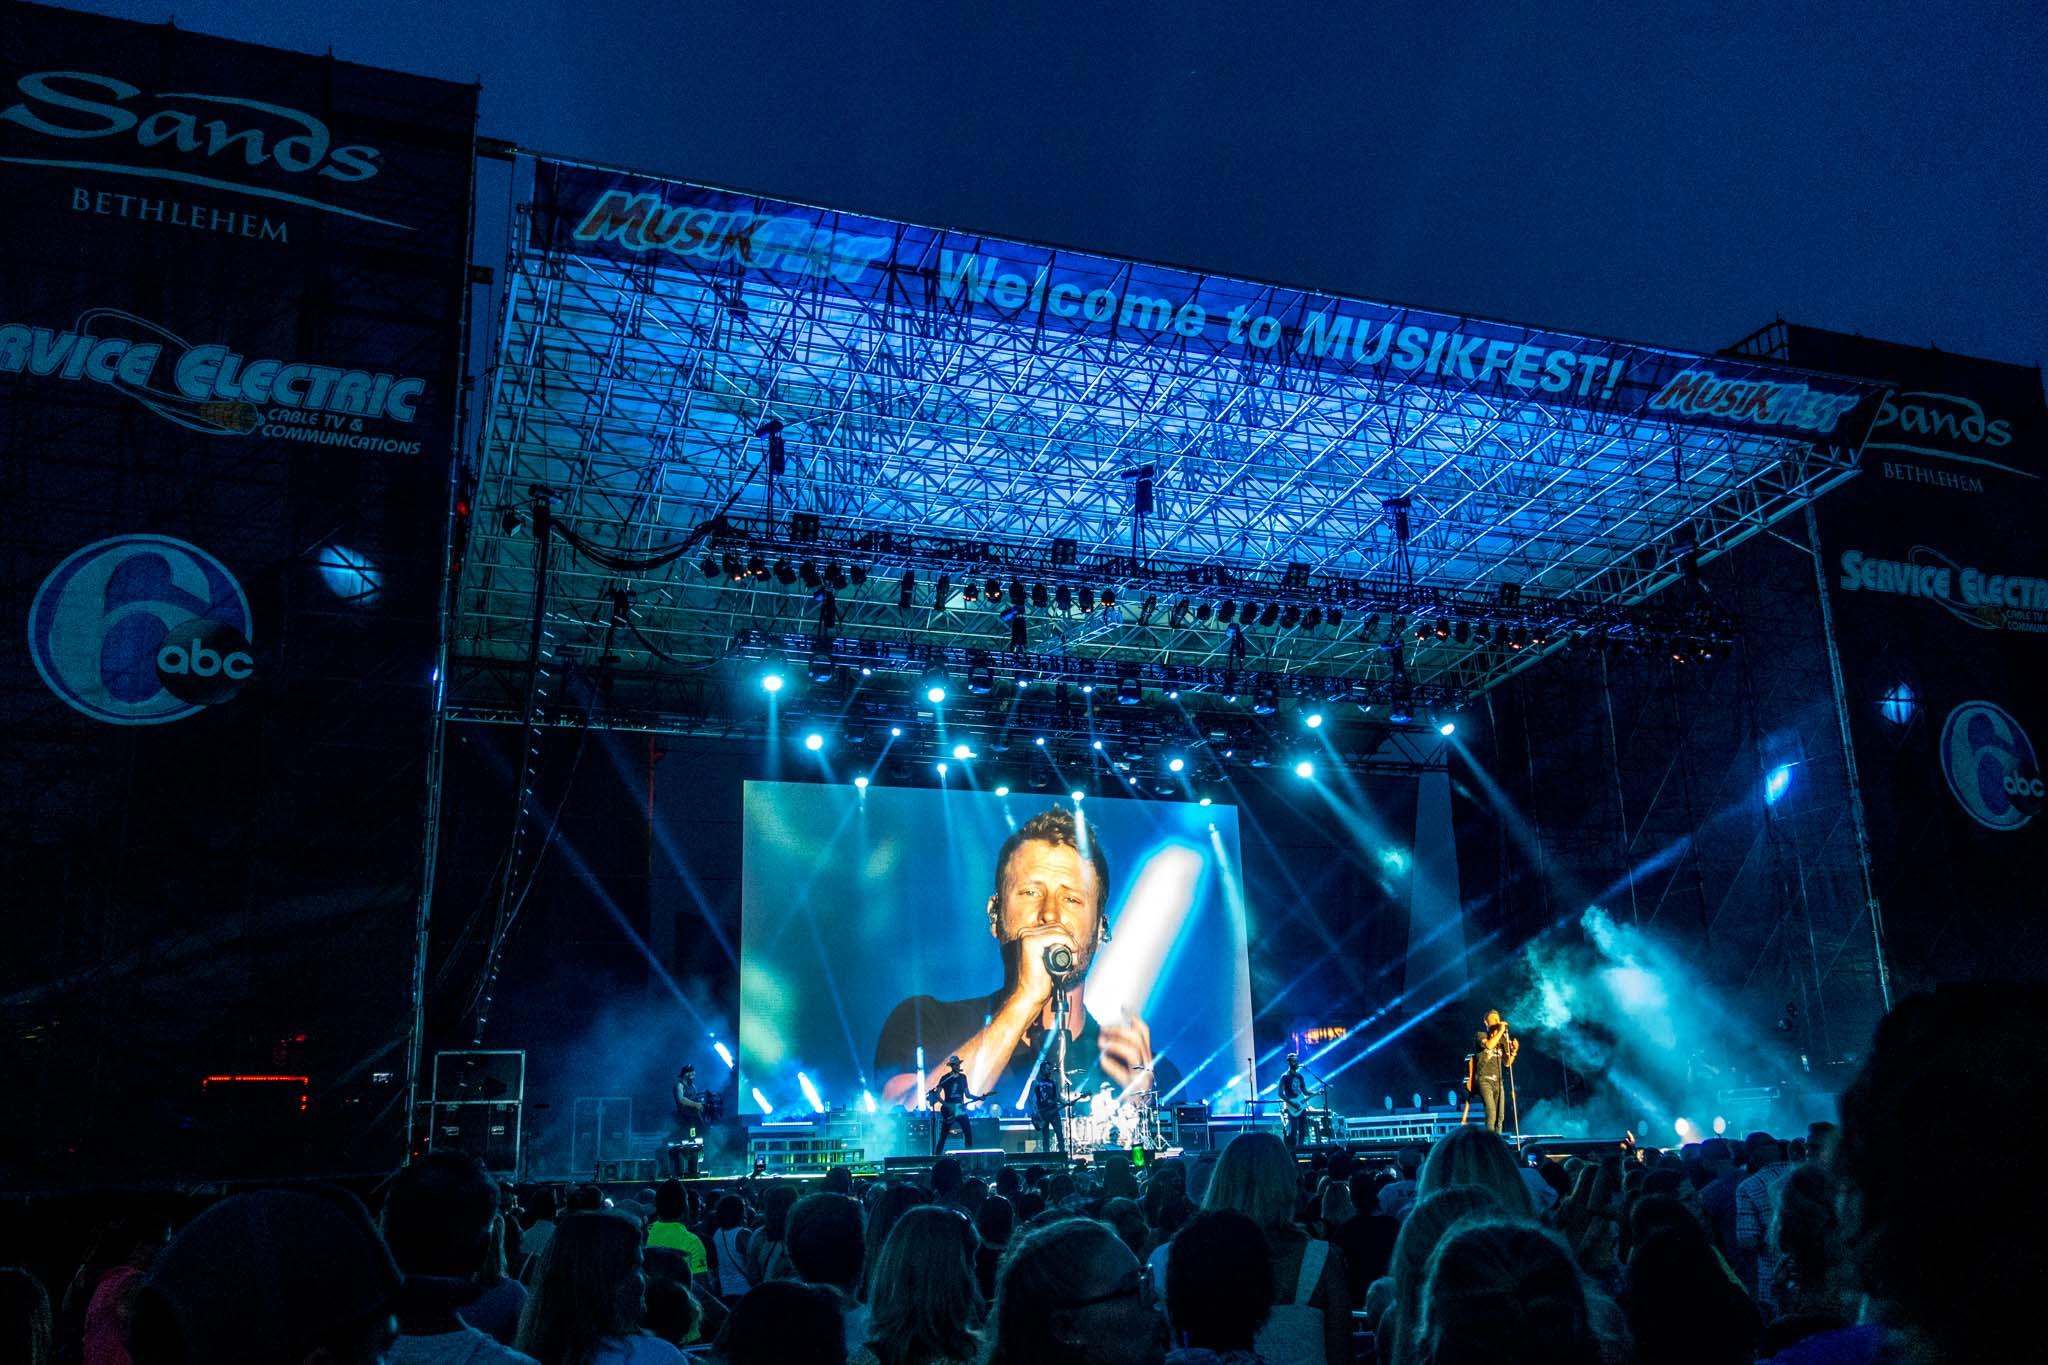 Dierks Bentley on stage at Musikfest